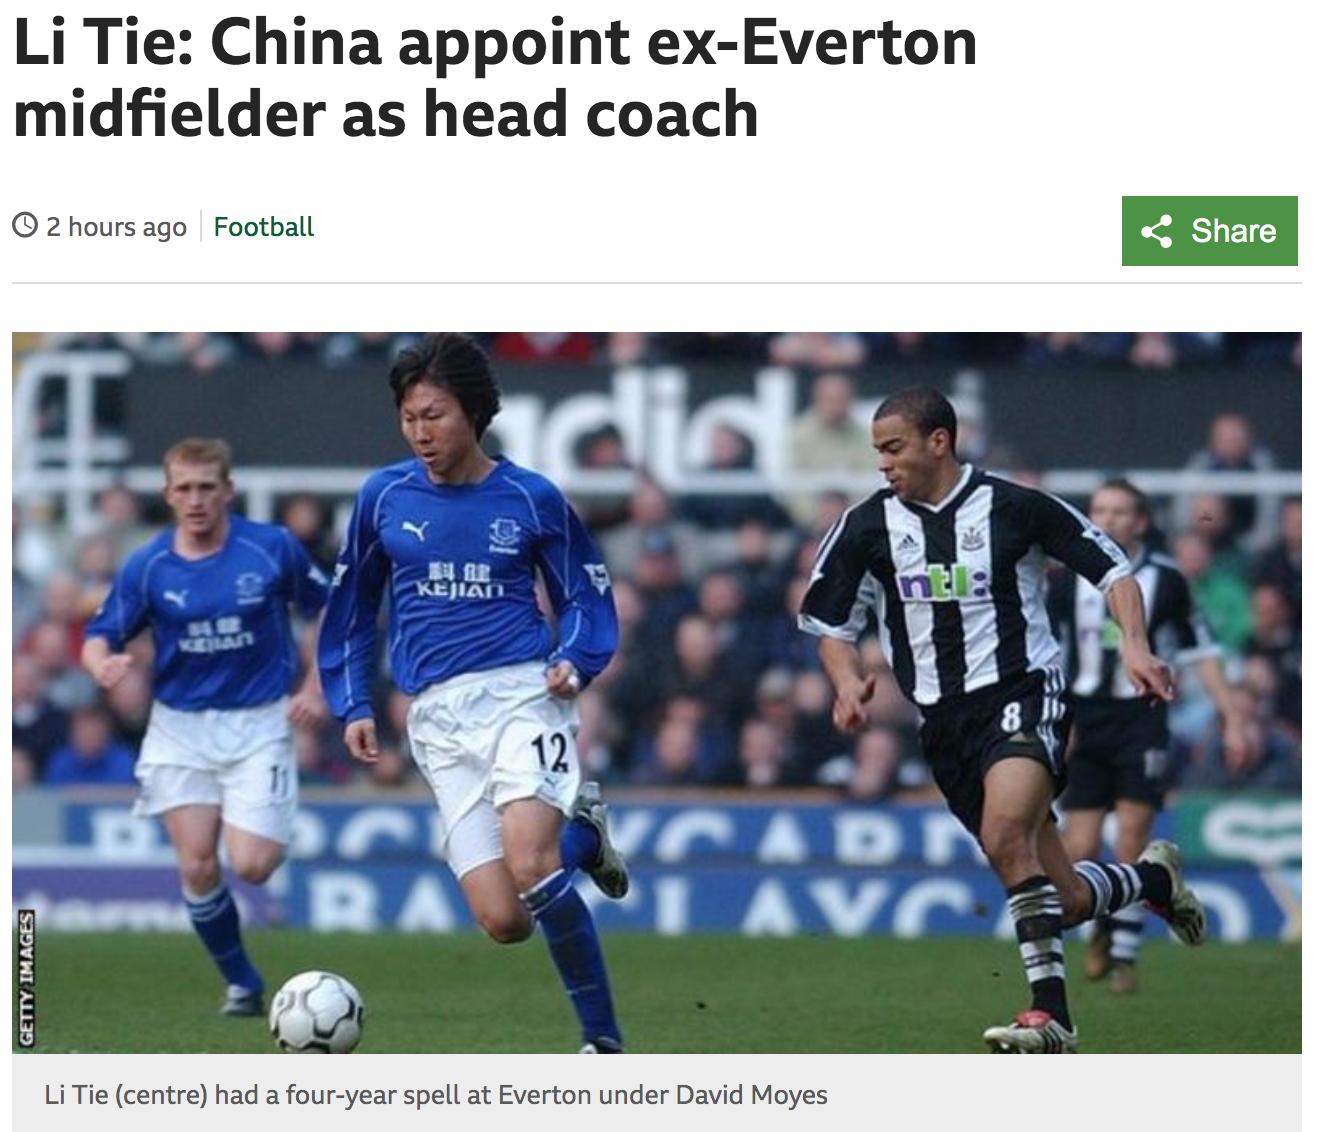 牌面!BBC:前埃弗顿中场李铁被任命为中国国家队主教练